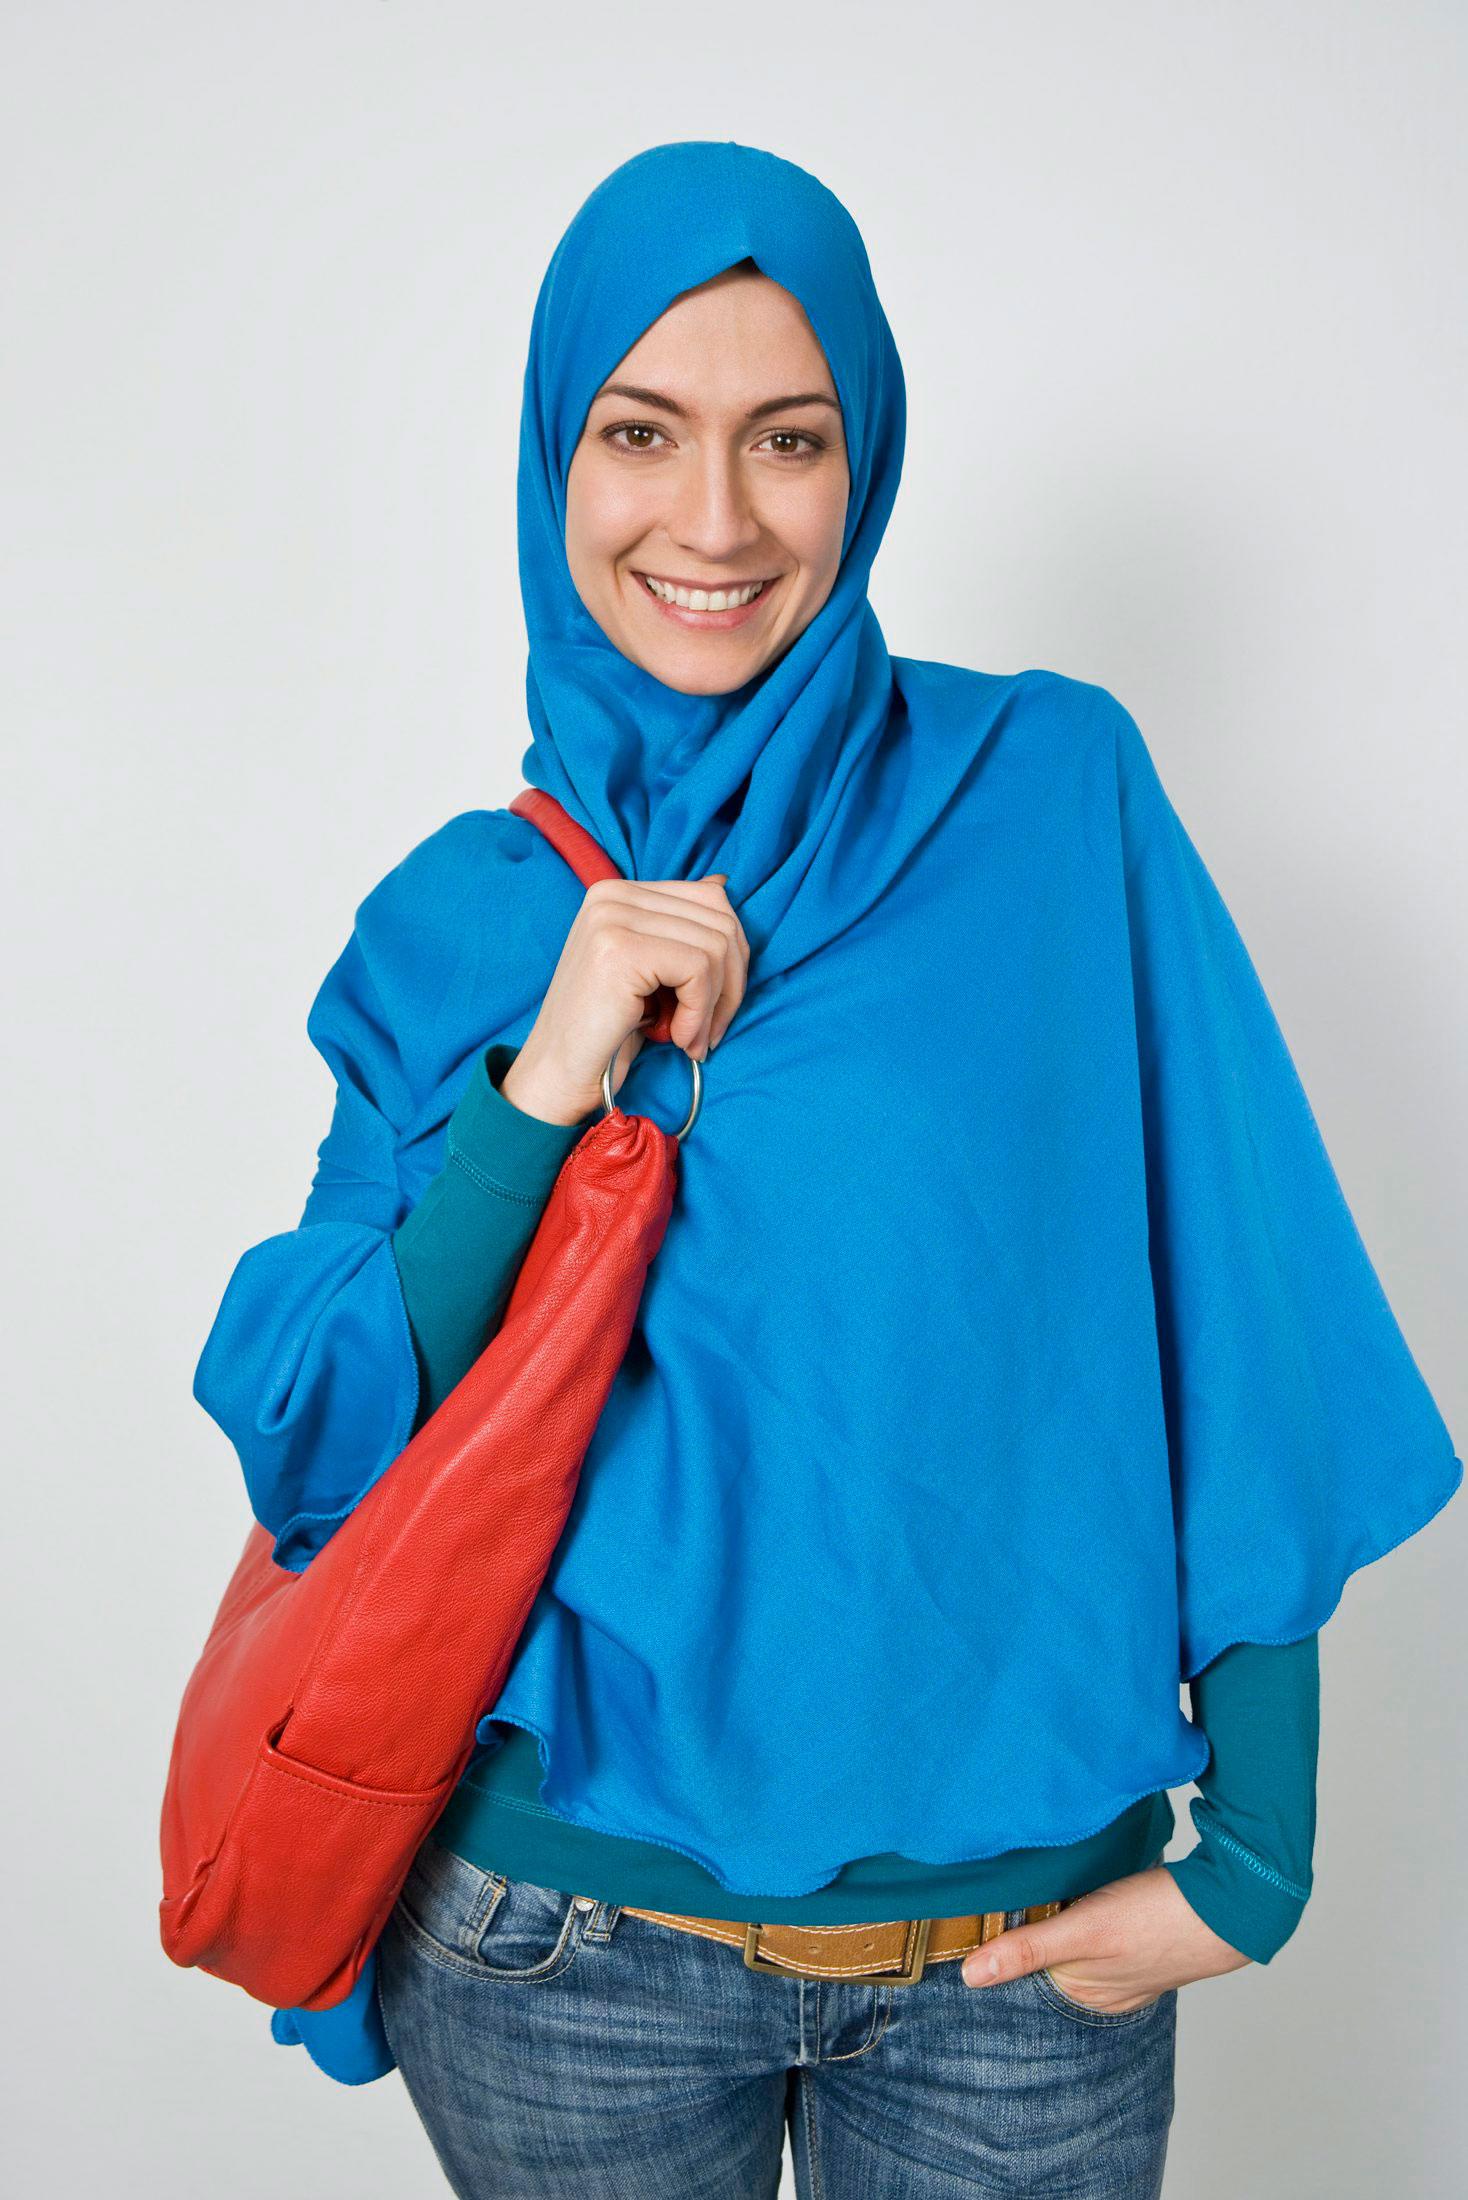 https://i1.wp.com/www.haaretz.co.il/st/inter/Heng/Products/hijab/hijab1.jpg